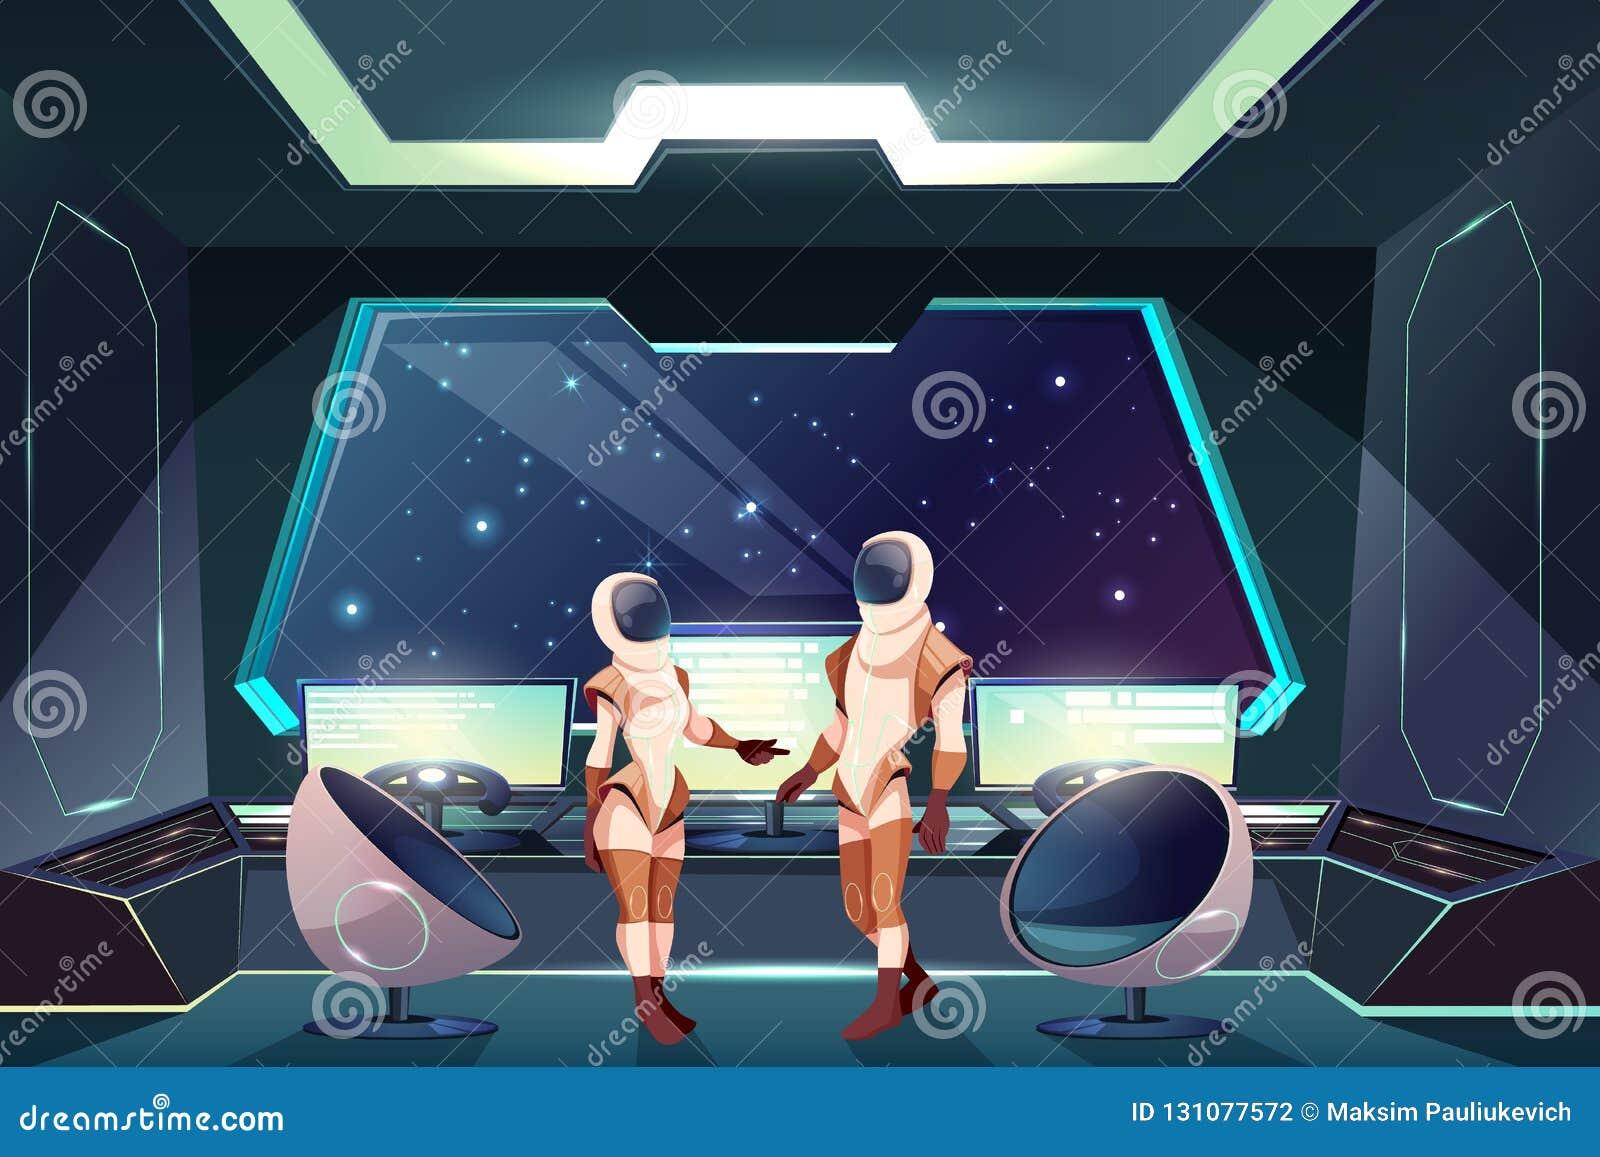 Astronauten in den Spacesuits auf Raumschiffvektor